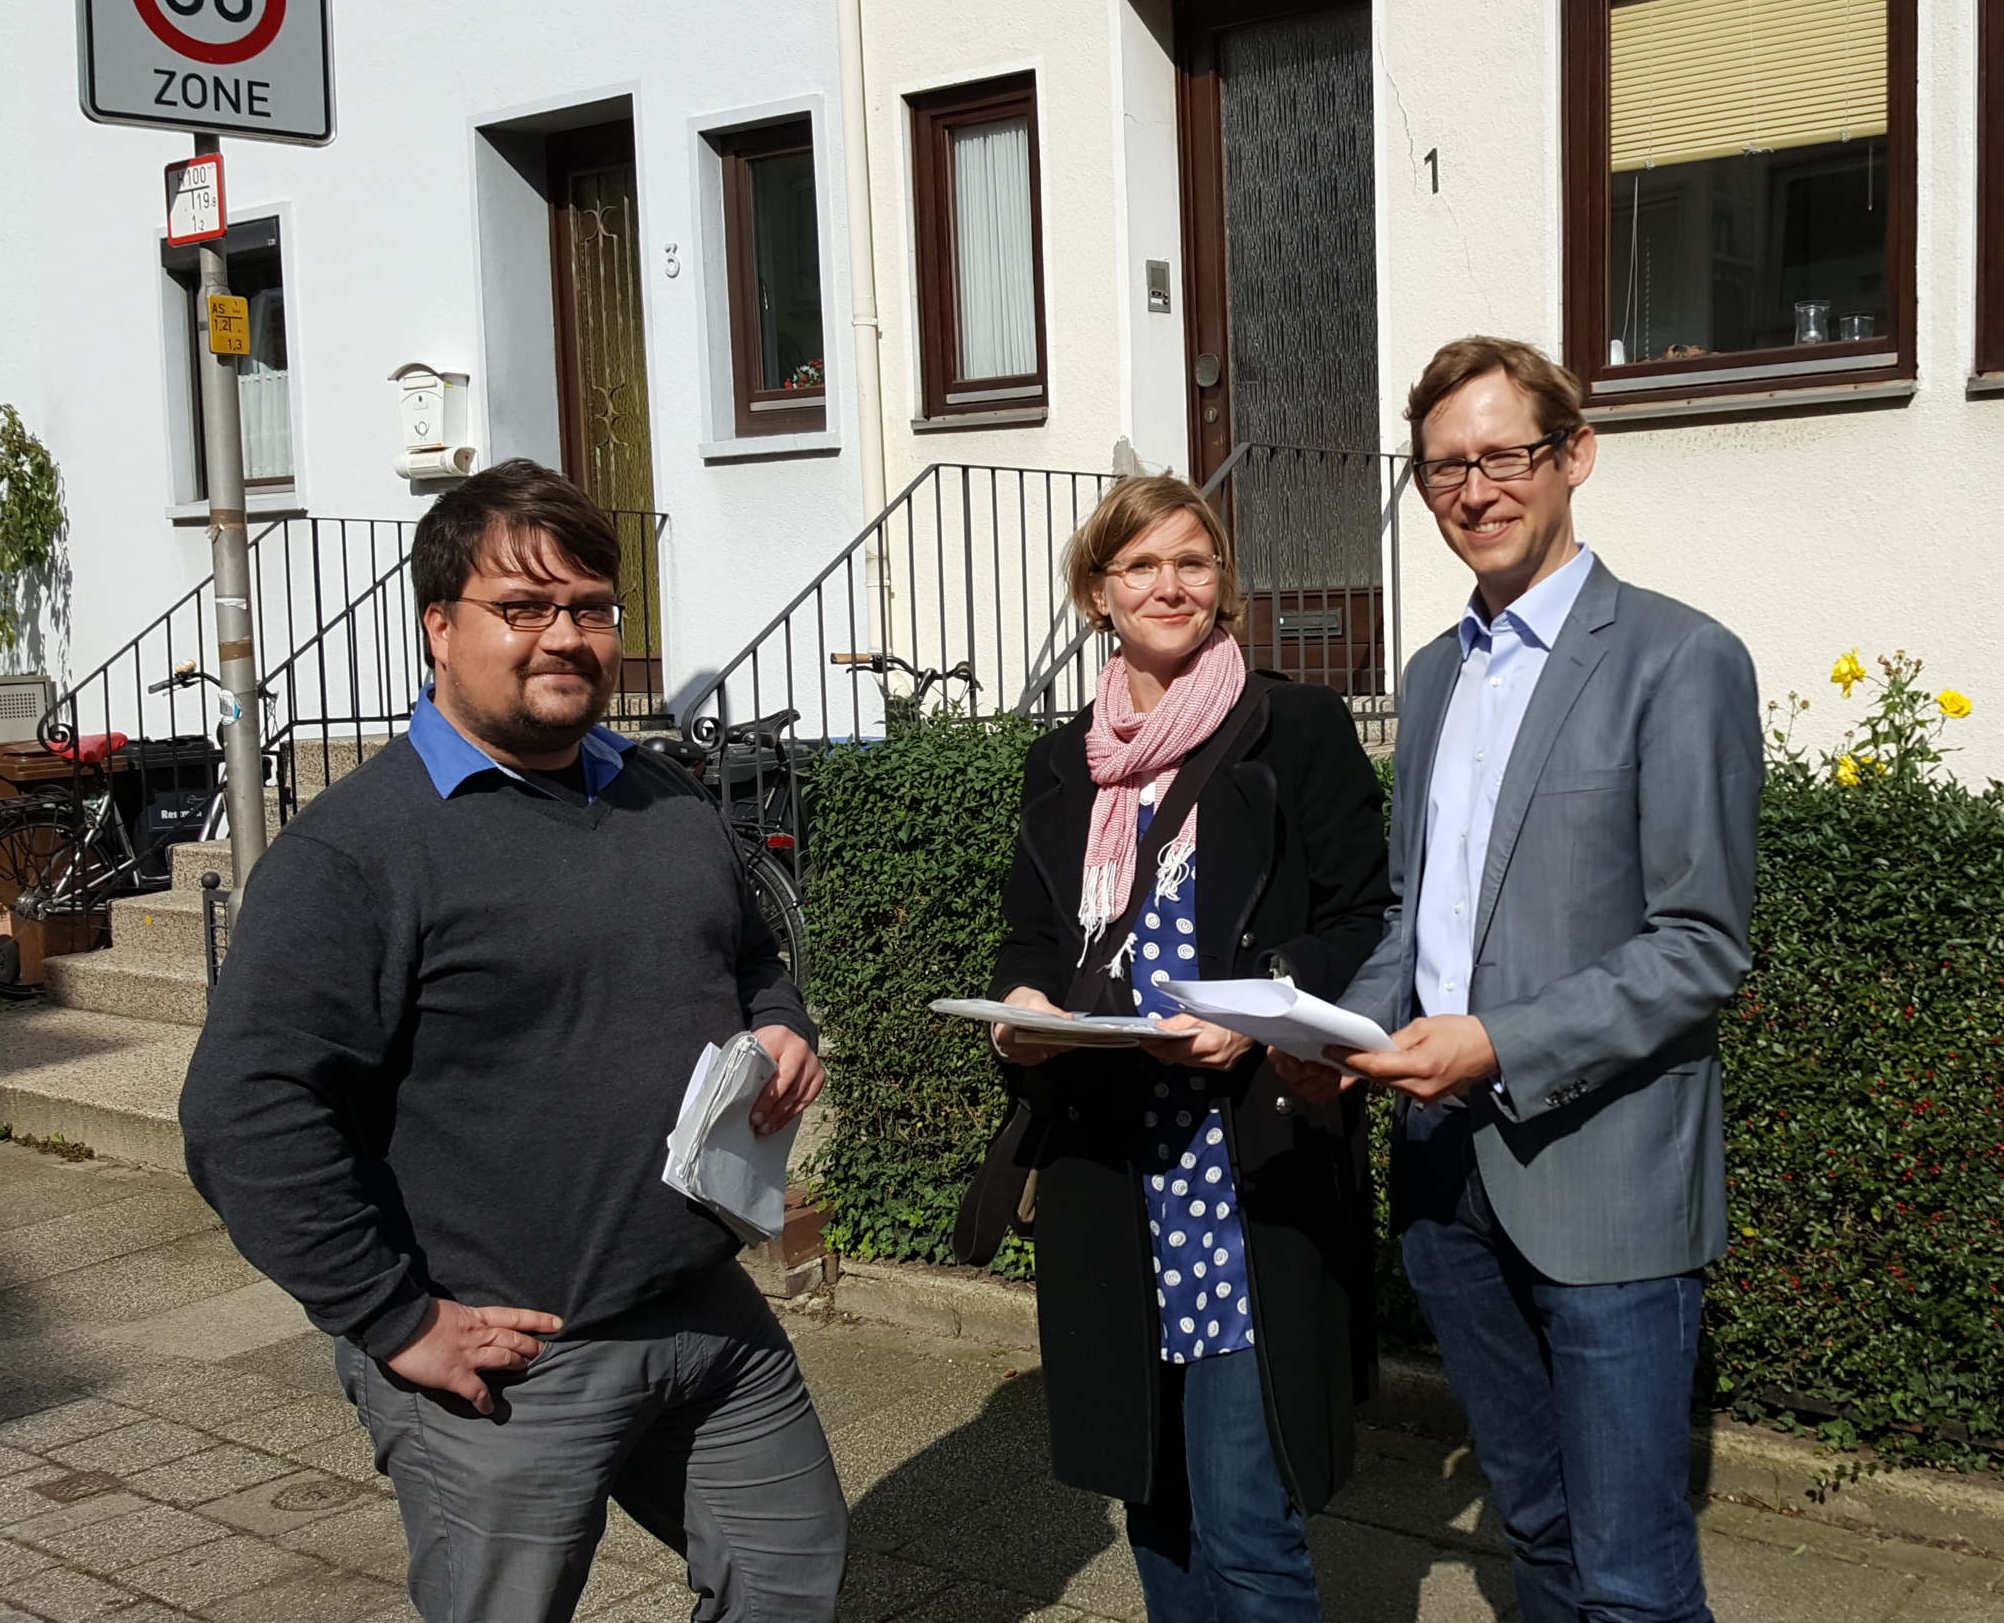 Bettina Rabe von der Bürgerinitiative mit Staatsrat Deutschendorf (re.) und Herrn Brüning vom Senator für Verkehr